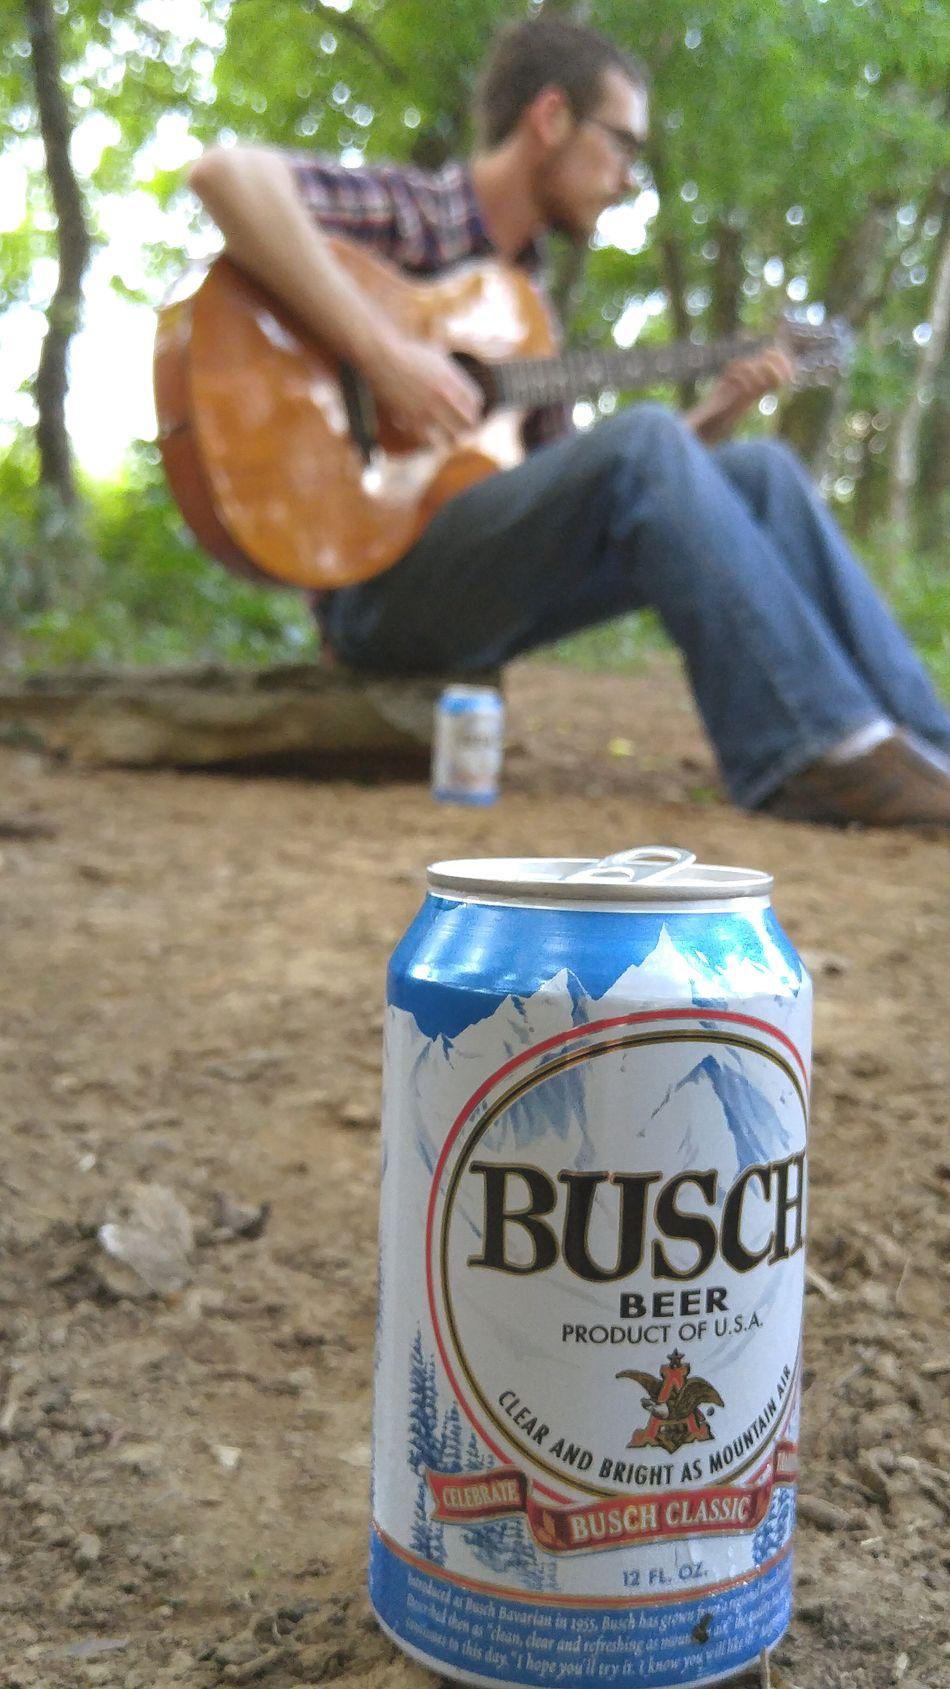 Busch Buschbeer Guitar Guitarist Nature Beer Outdoors LG G4